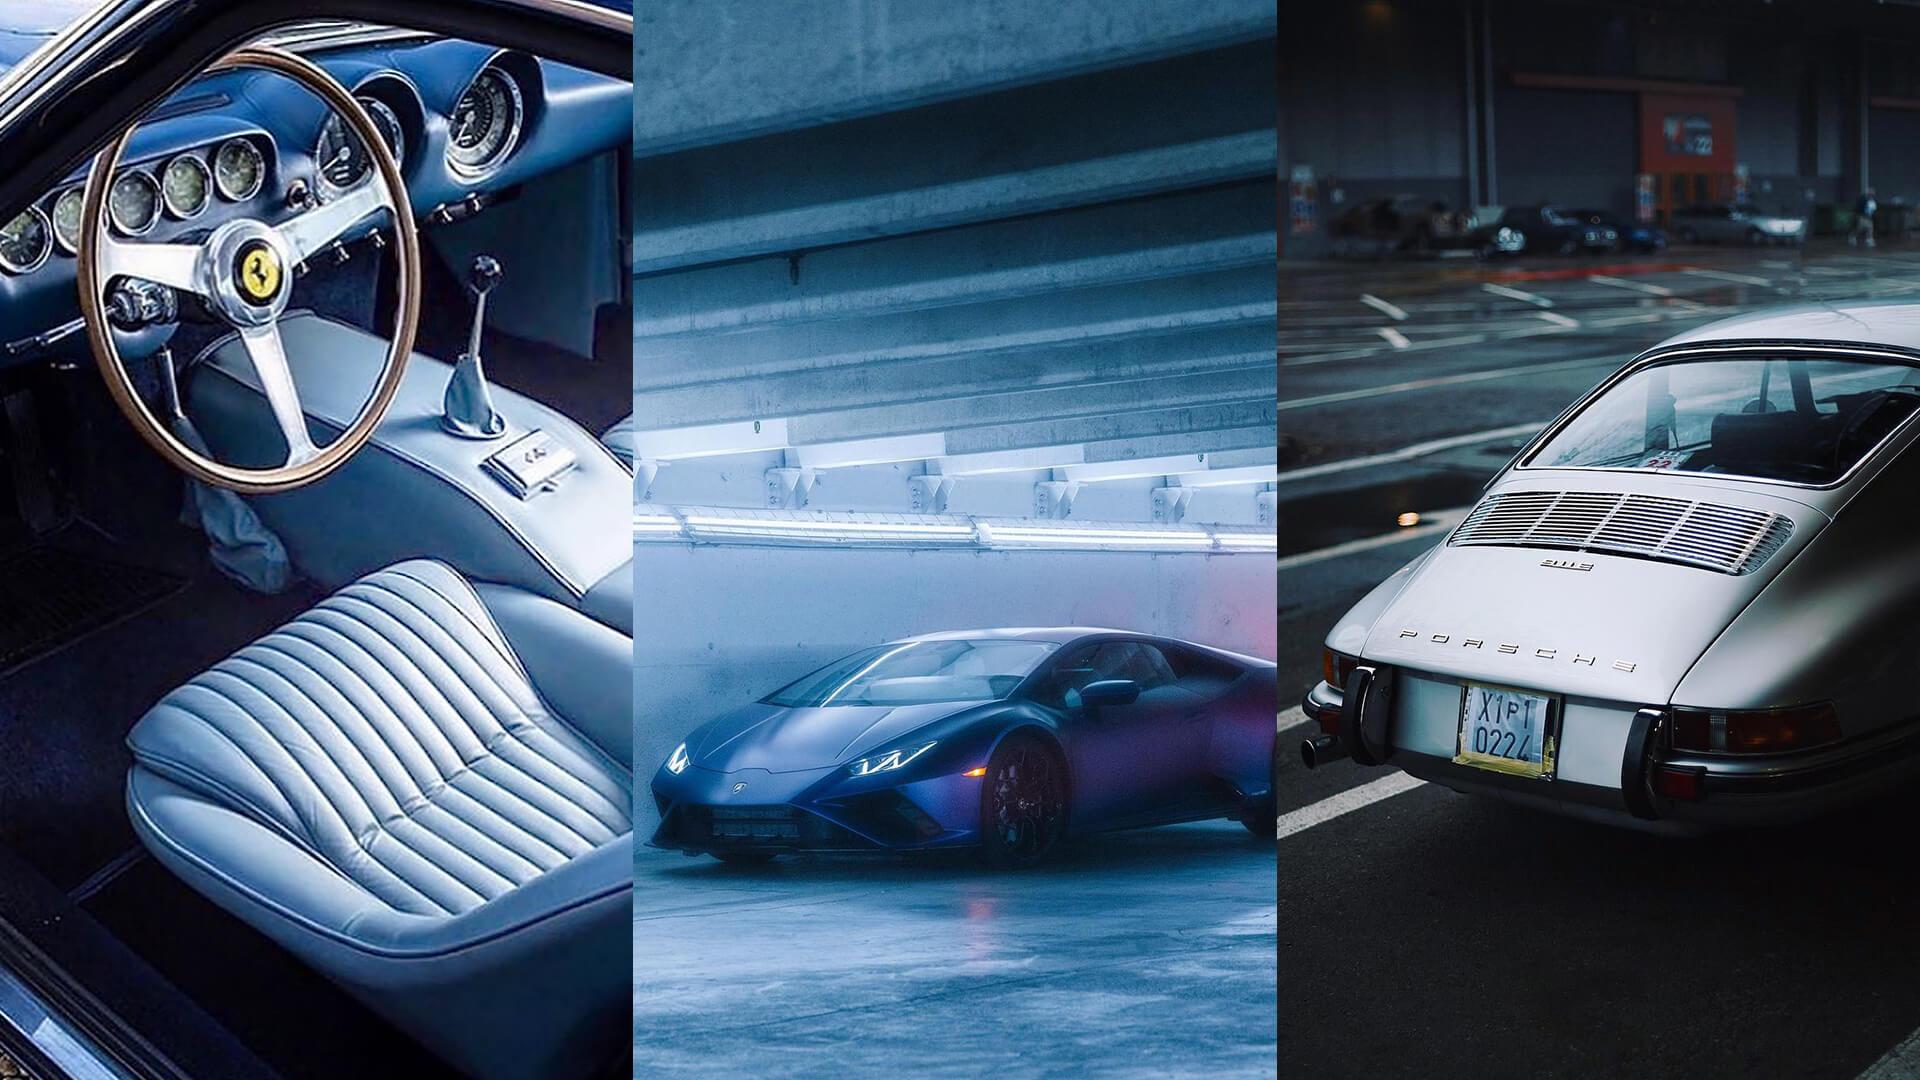 Best Automotive Photographers & Car Instagram Accounts